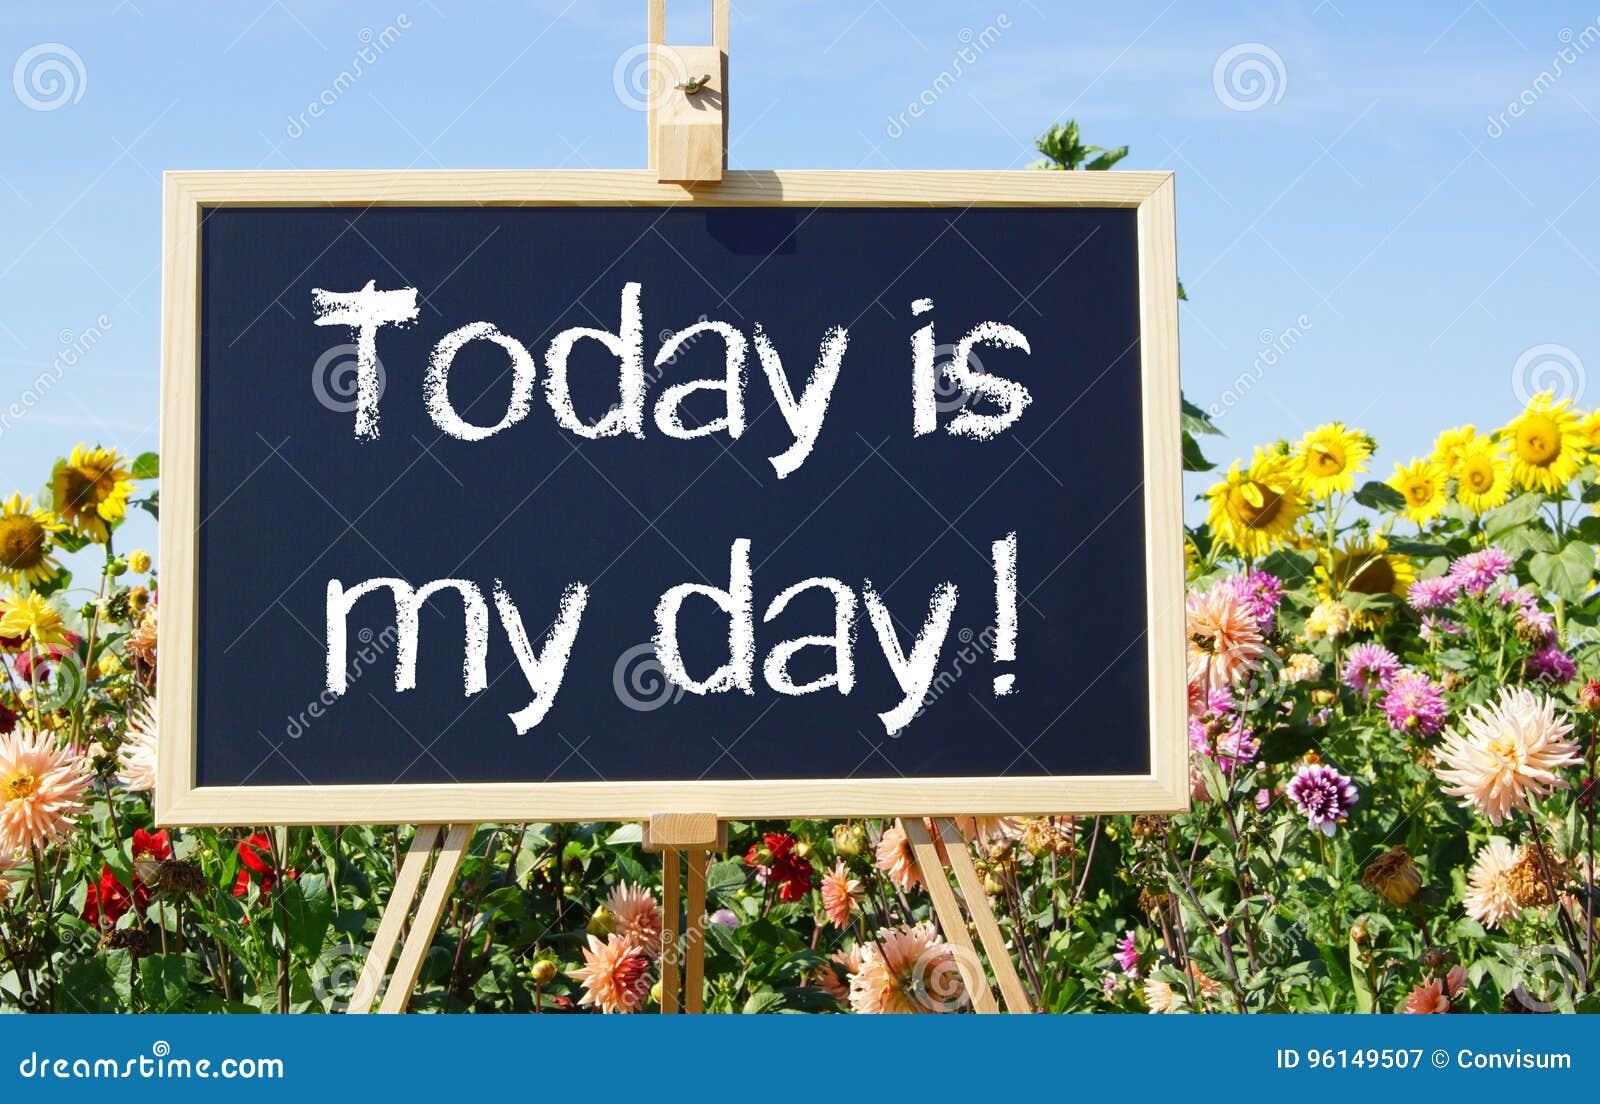 Heutiger Tag ist mein Tag - Tafel oder Gestell im Sommergarten